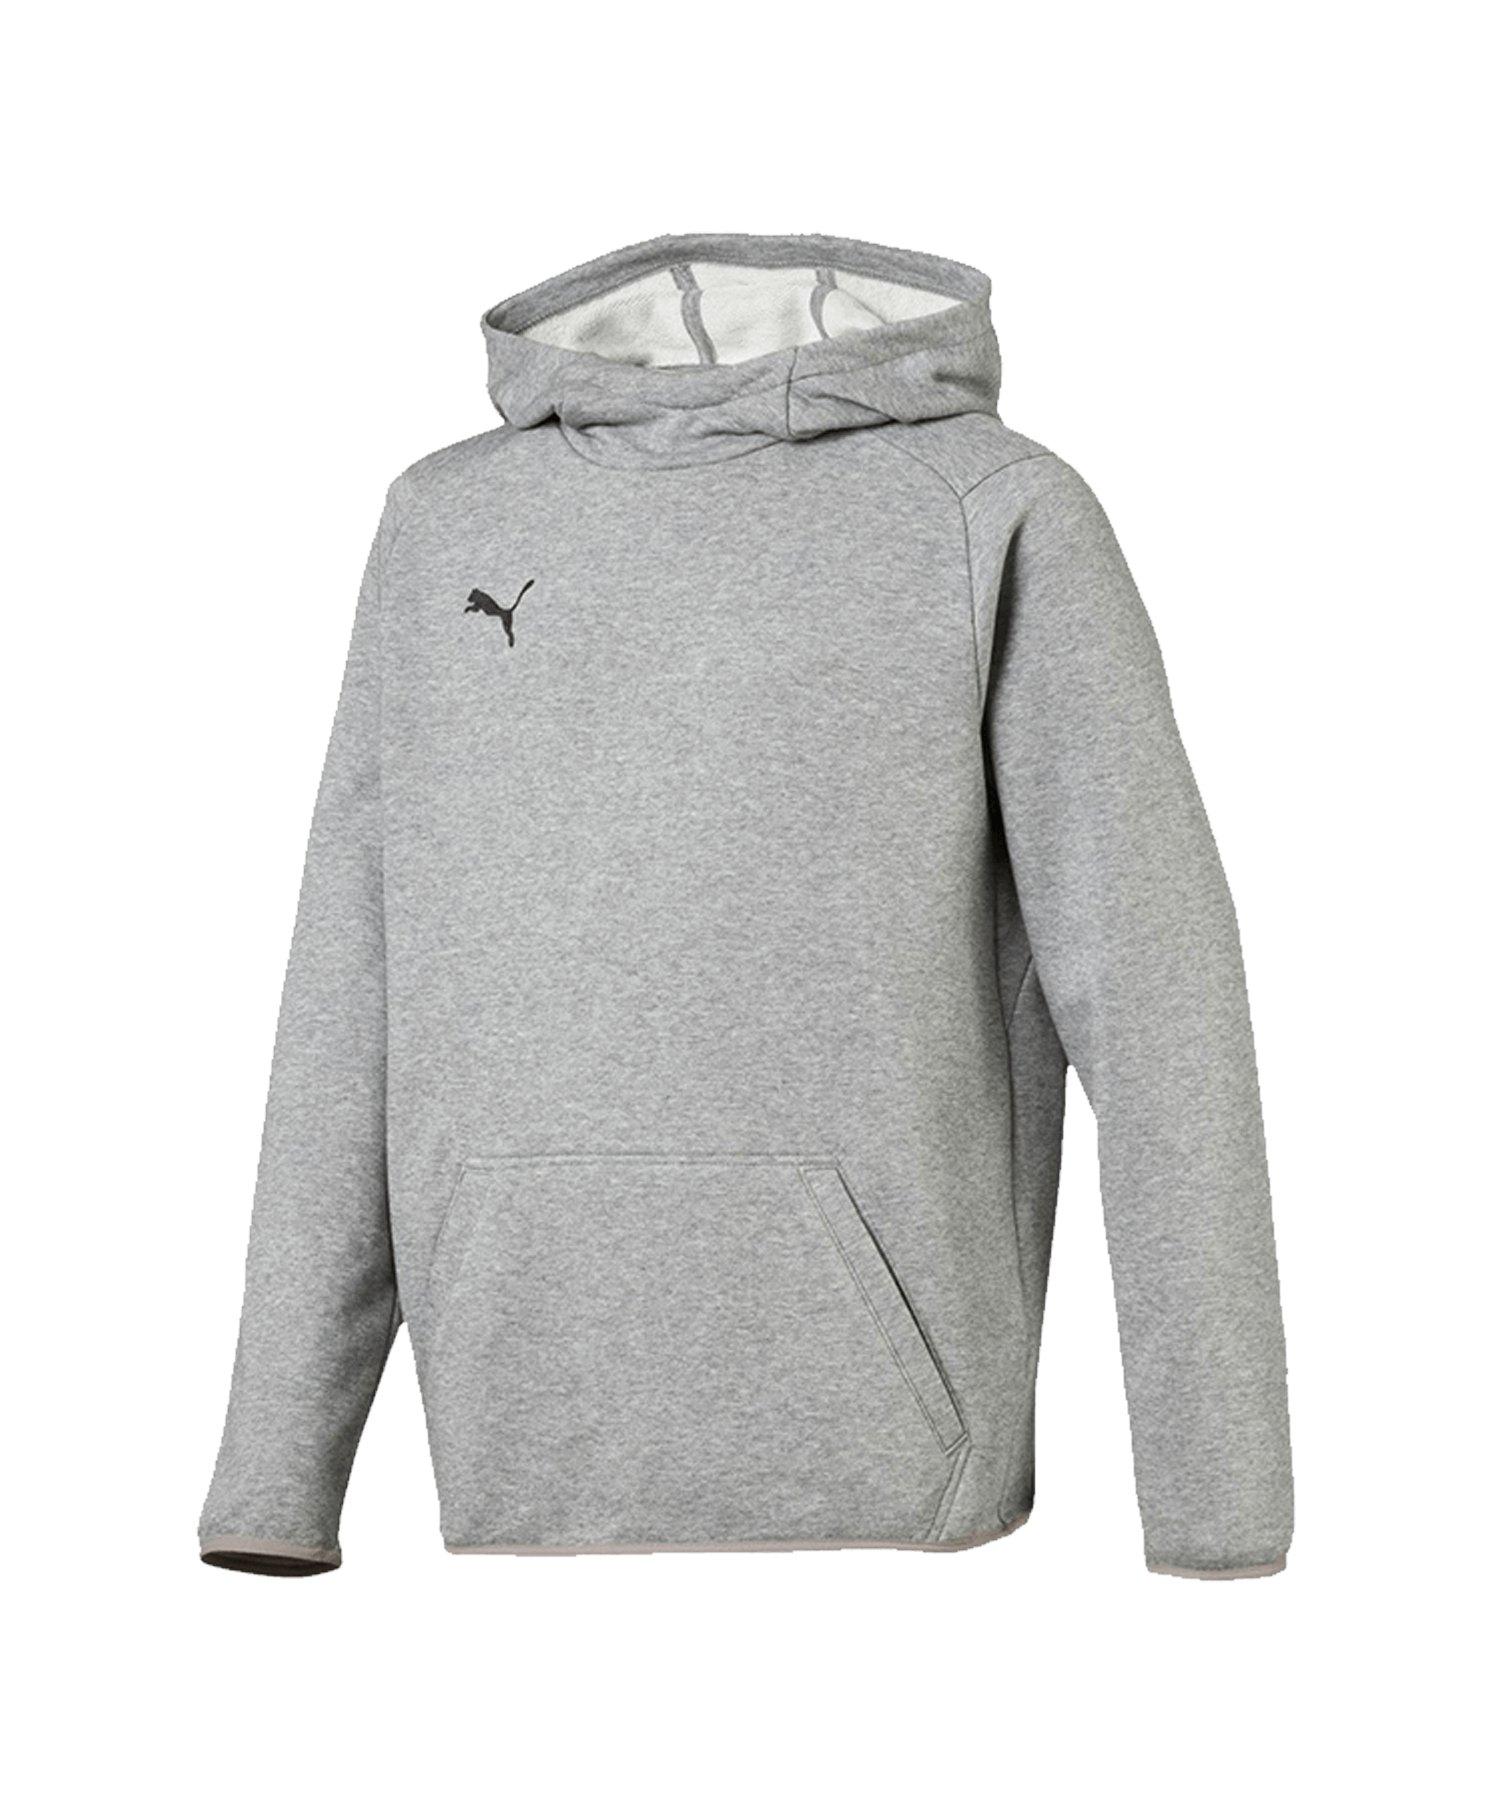 PUMA LIGA Casuals Kapuzensweatshirt Kids Grau F33 - grau